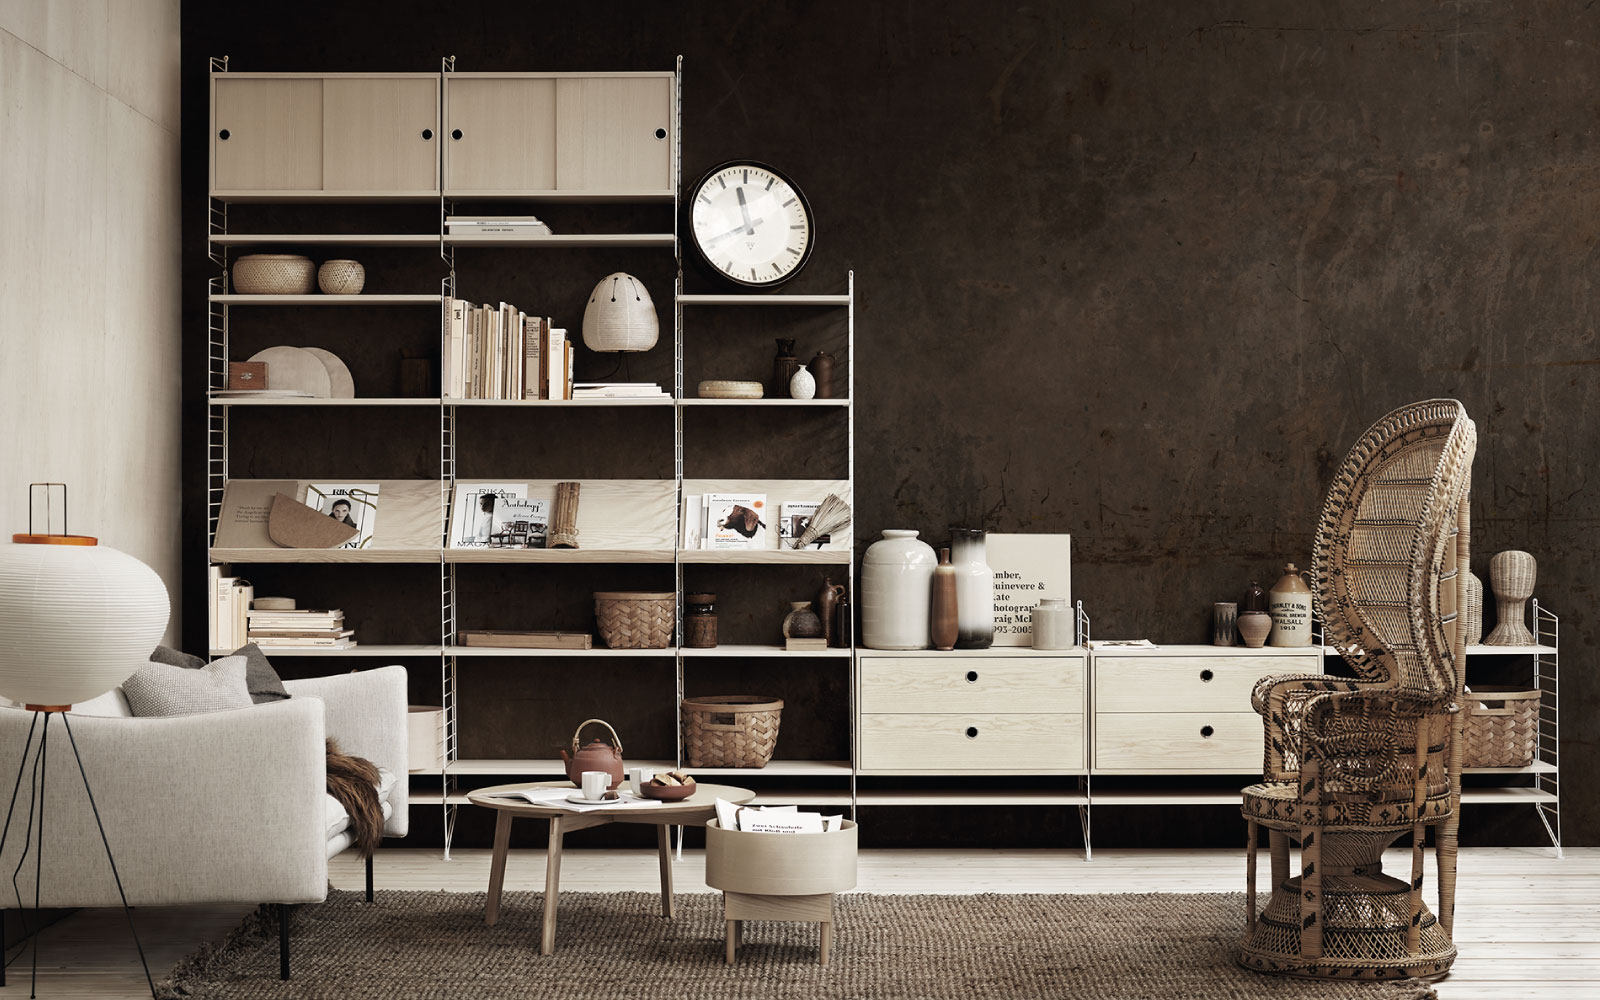 Design Escandinavo - Prateleiras String